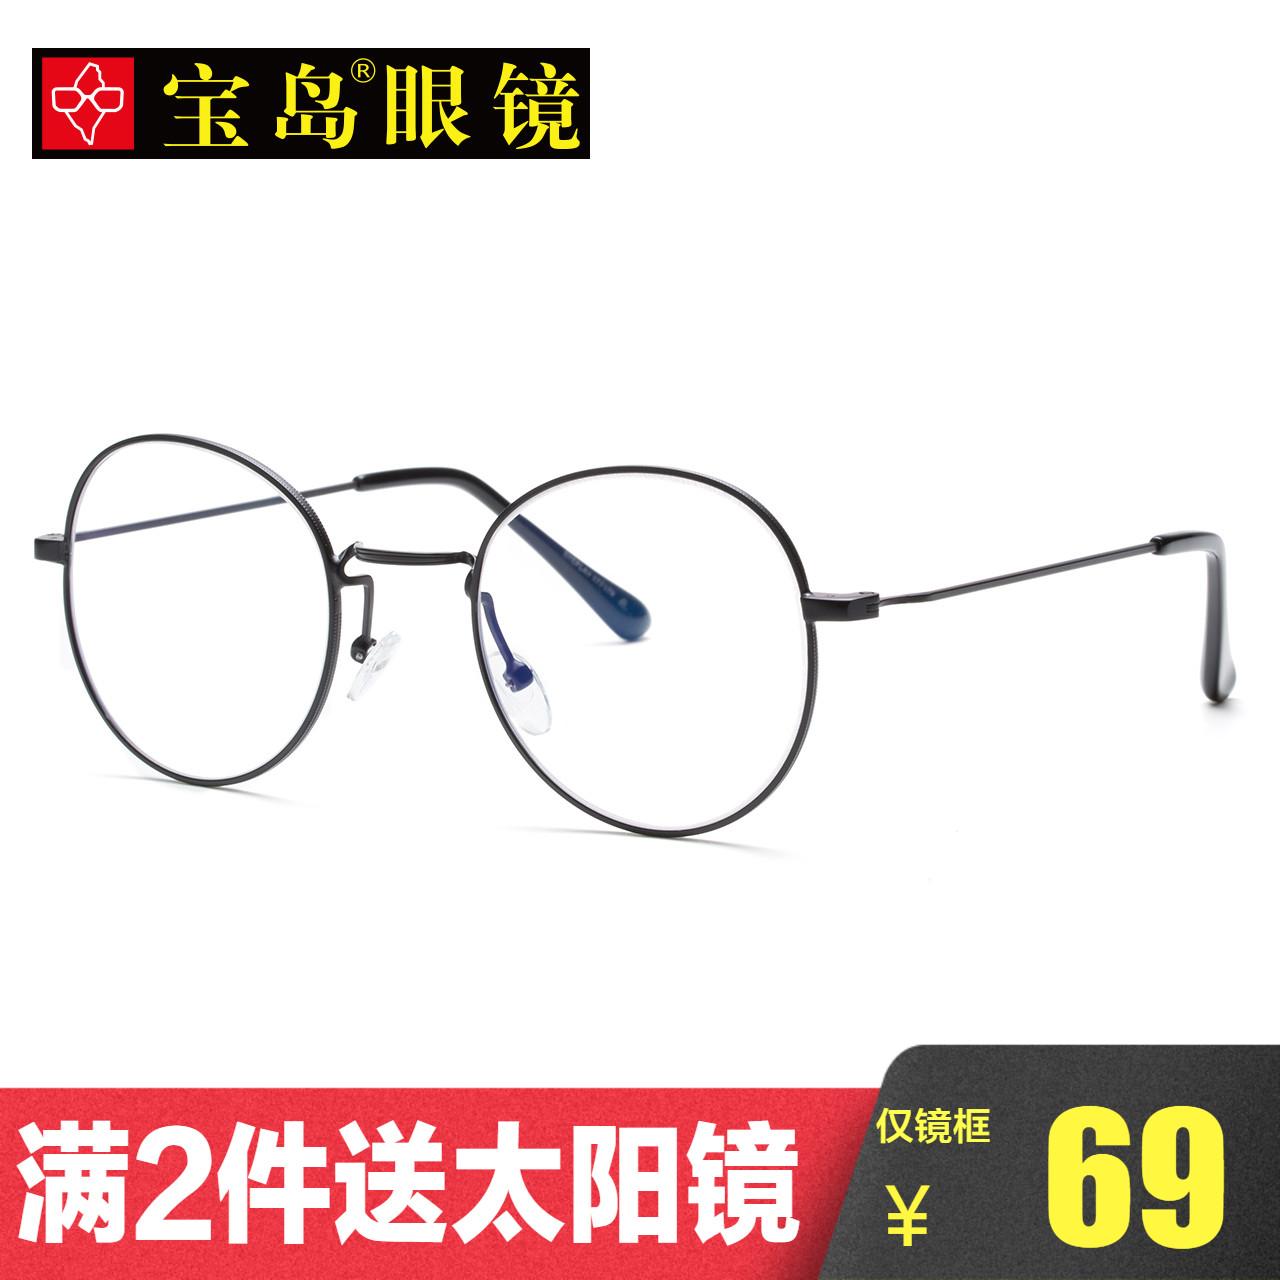 宝岛眼镜 近视眼镜框复古圆框潮金属男女文艺平光镜架 目戏3130A6